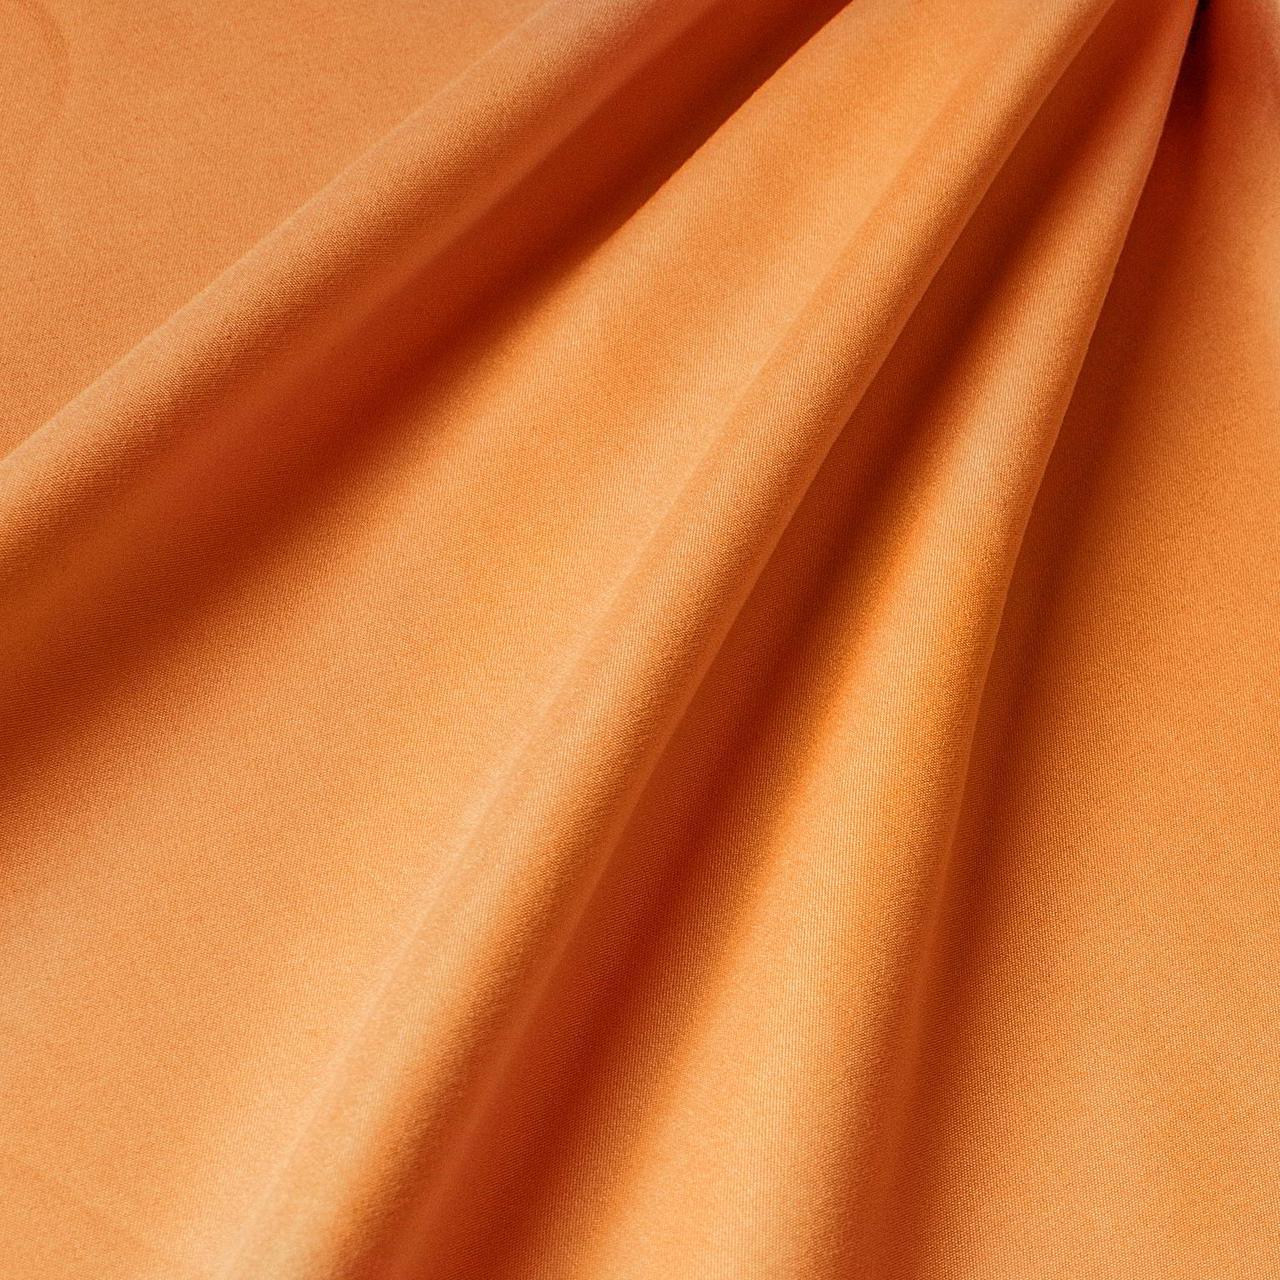 Подкладочная ткань с матовой фактурой (Испания) 83306v9